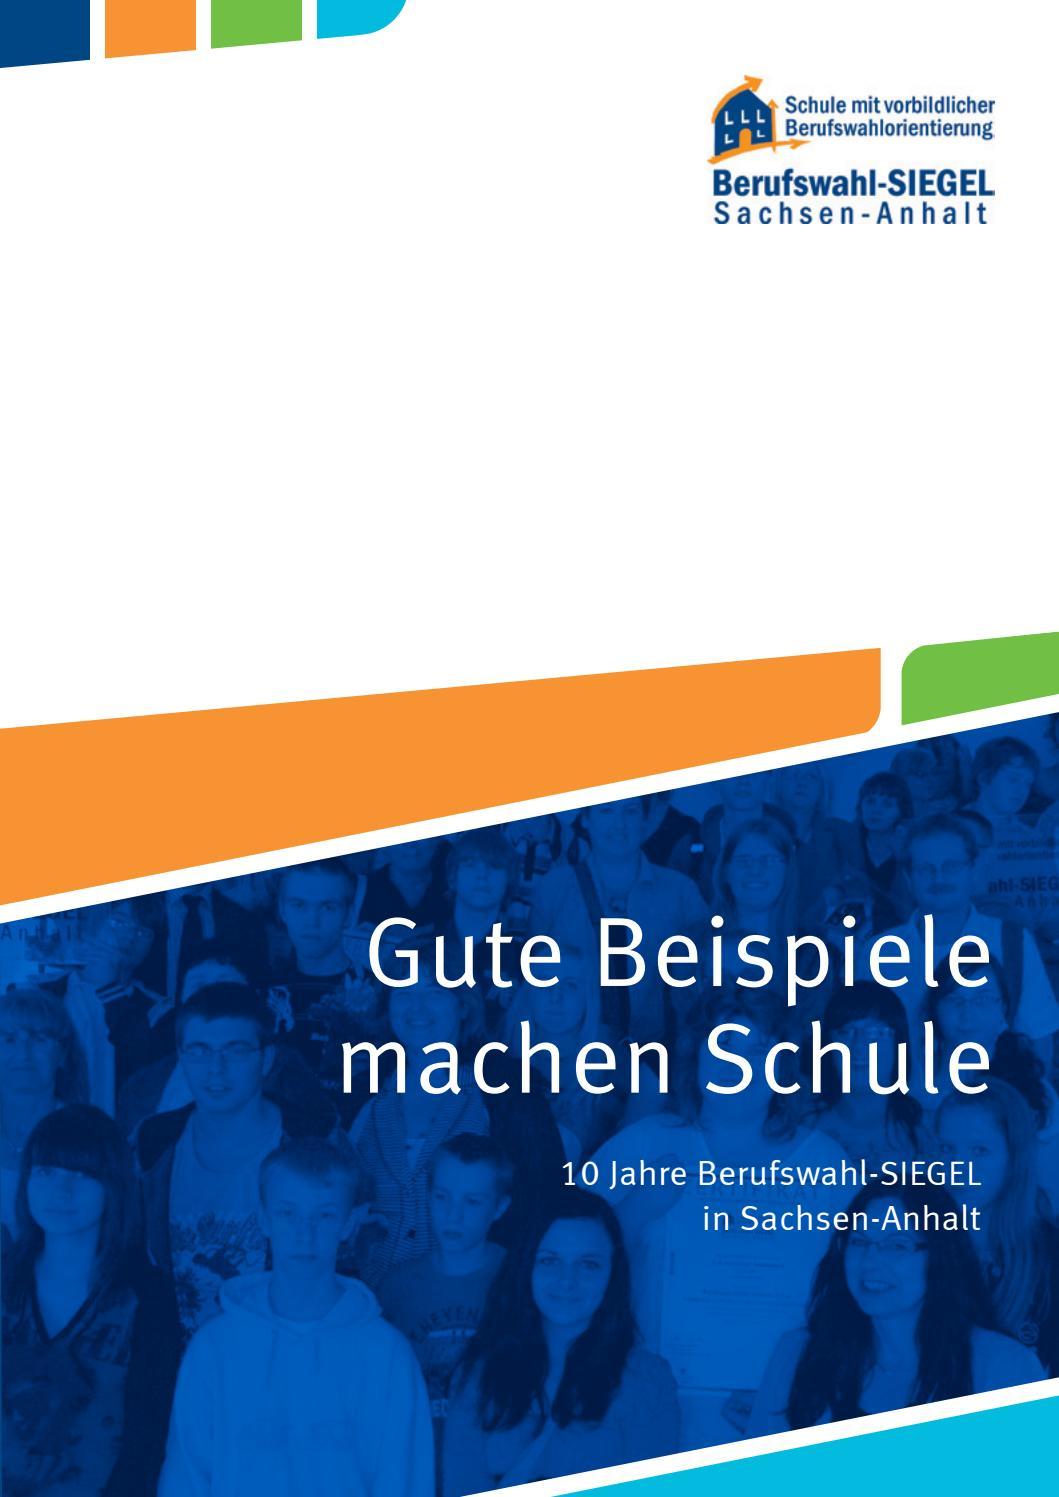 10 Jahre Berufswahl-SIEGEL Sachsen-Anhalt by ...